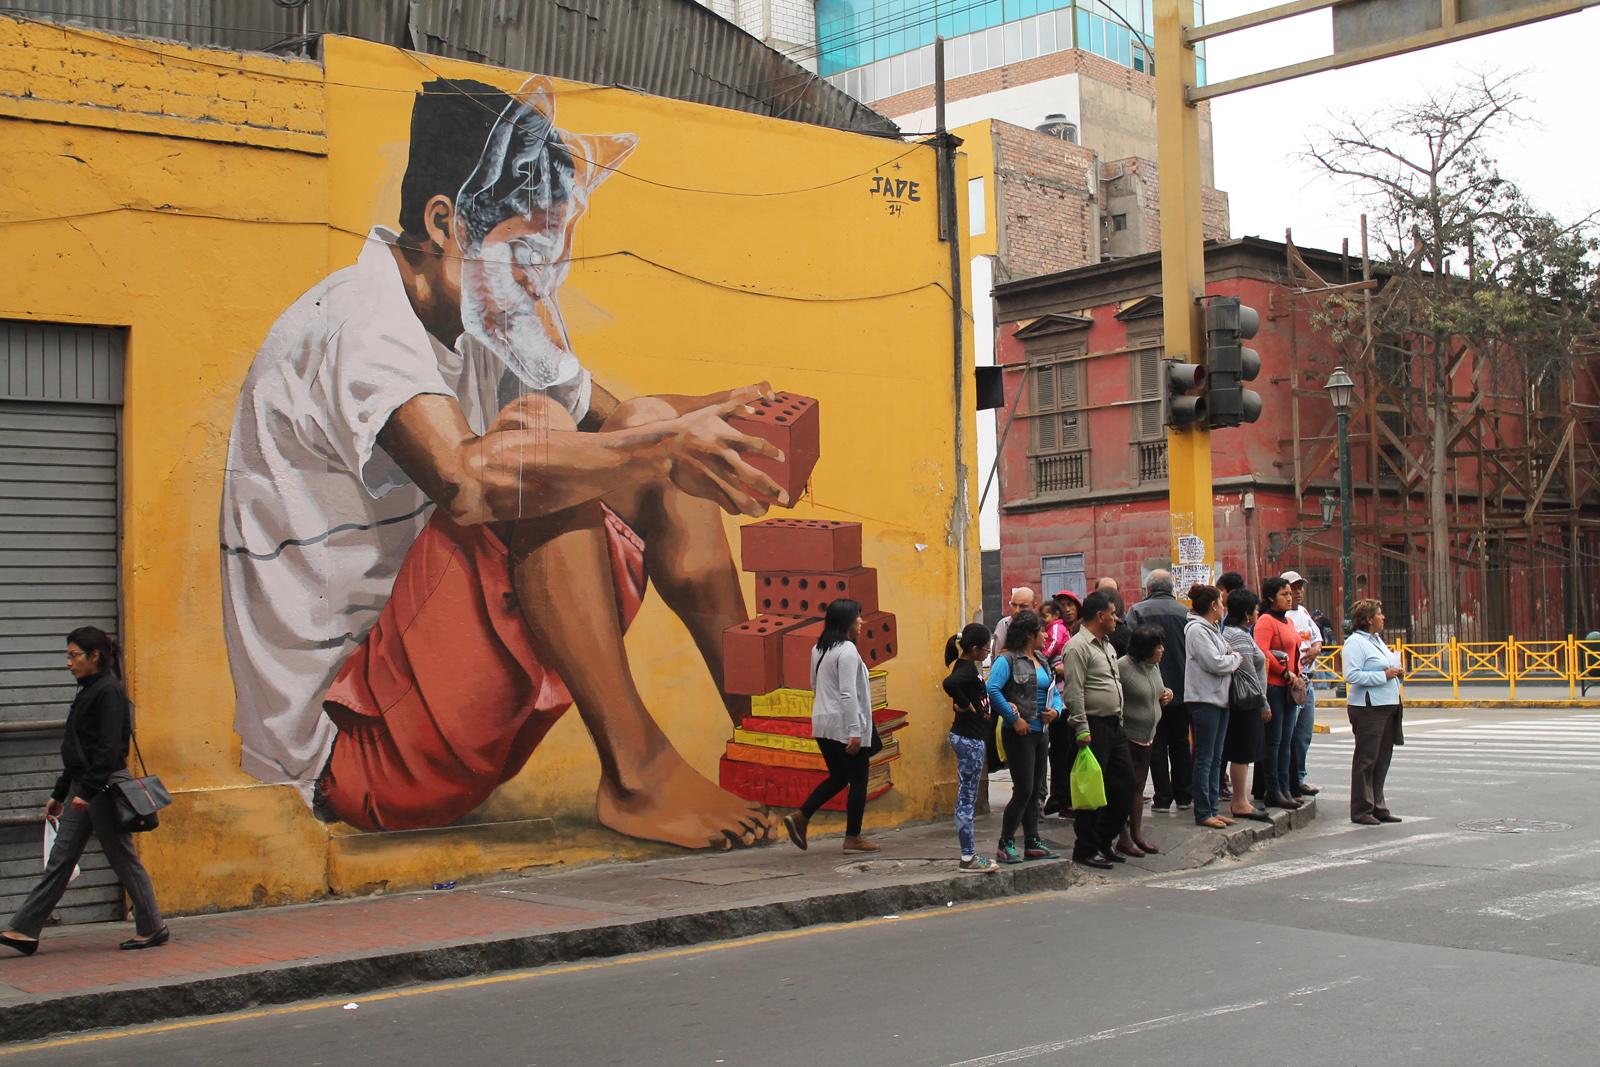 jade-el-sol-amarillo-que-todos-conoscemos-new-mural-05